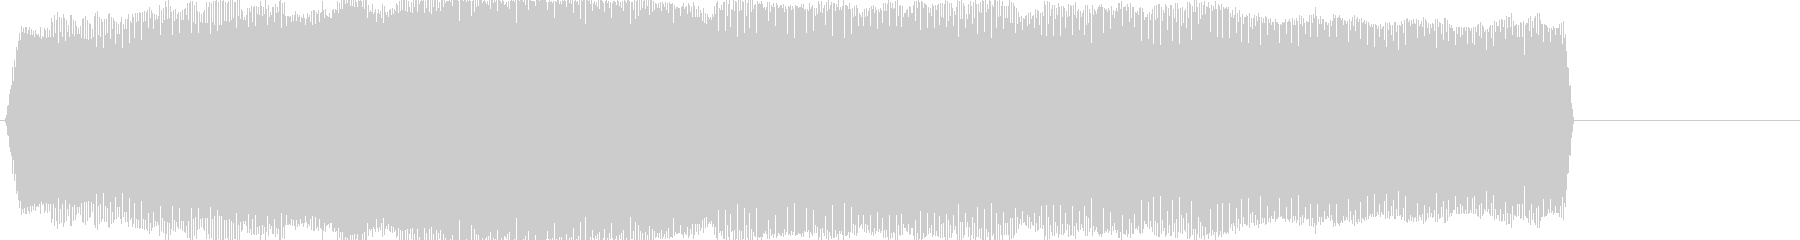 ぶー(バイブ音)の未再生の波形